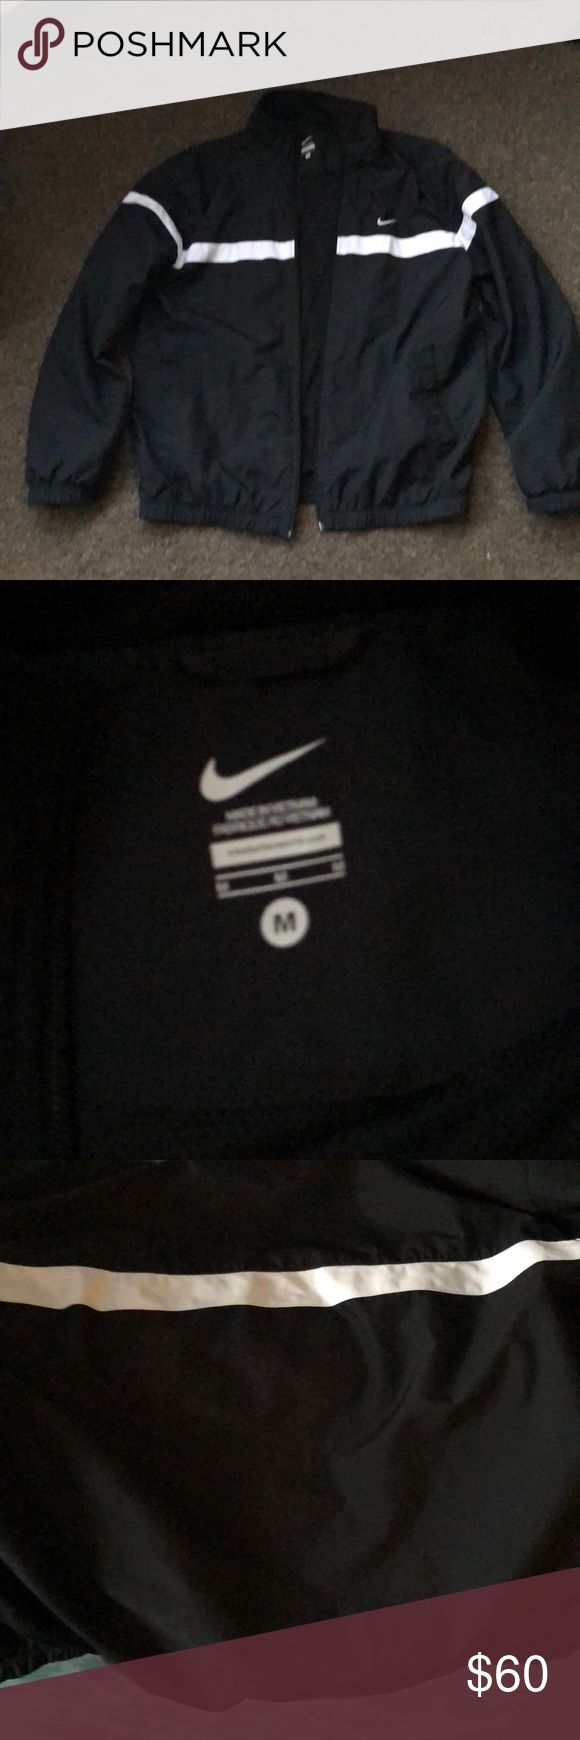 Nike wind breaker Vintage Nike Jackets & Coats Windbreakers